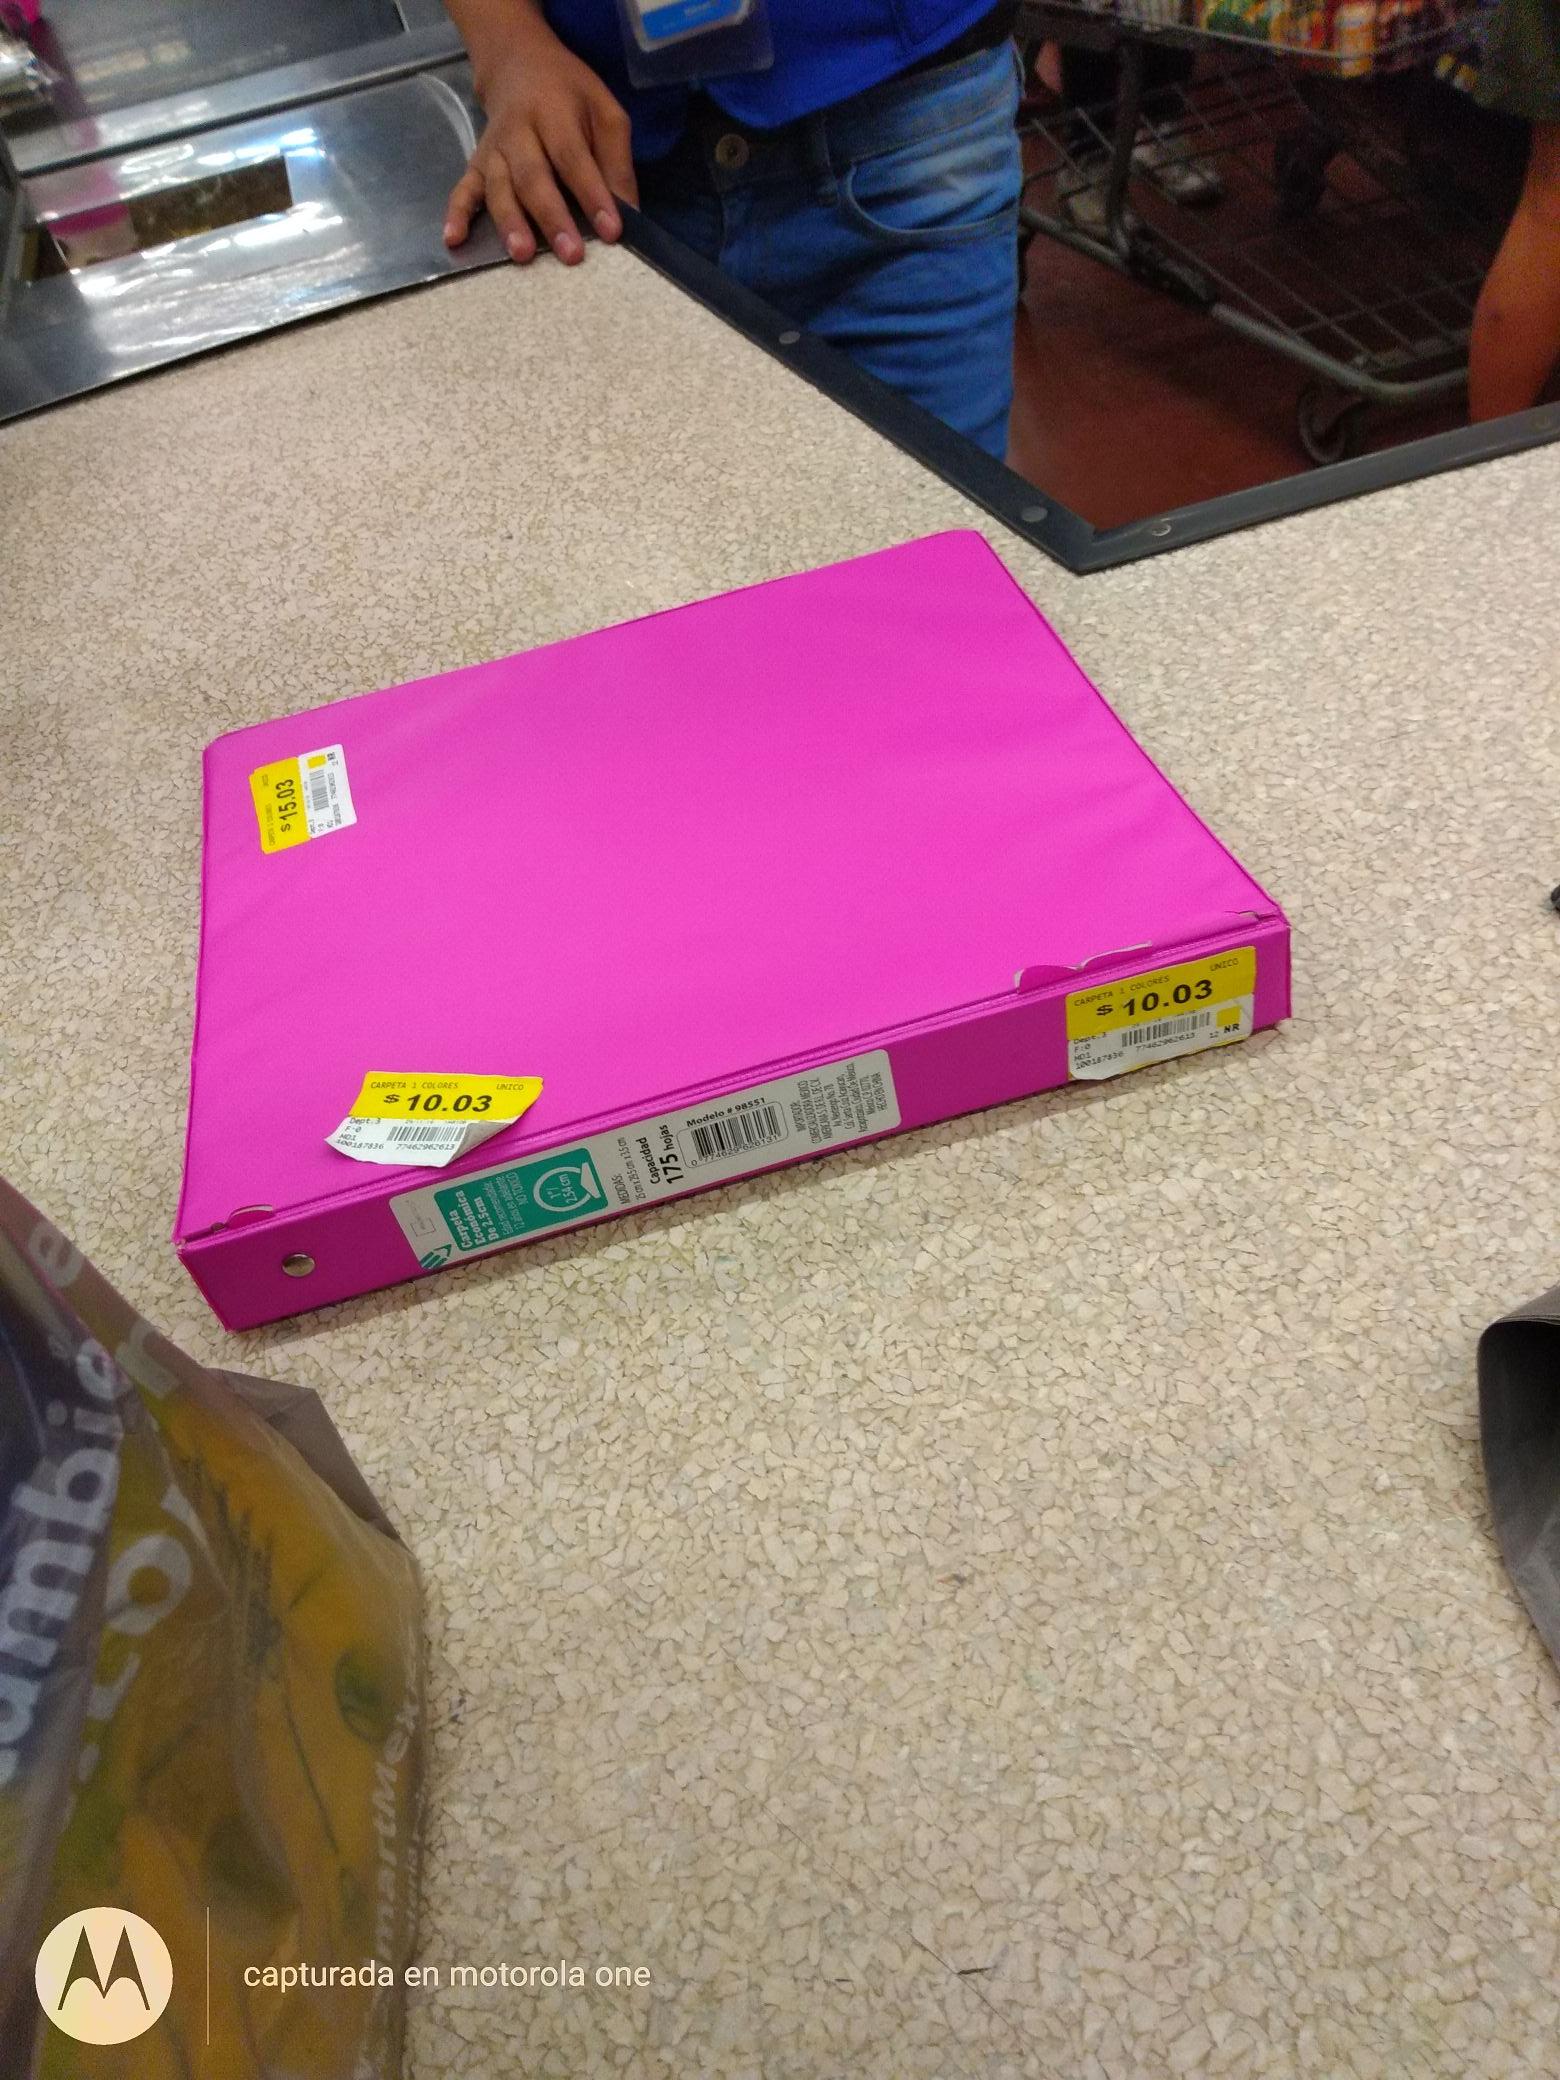 Walmart Símbolos Patrios Oax Carpeta plástica $0.01 triste promorelato, portagafetes, gorros y más